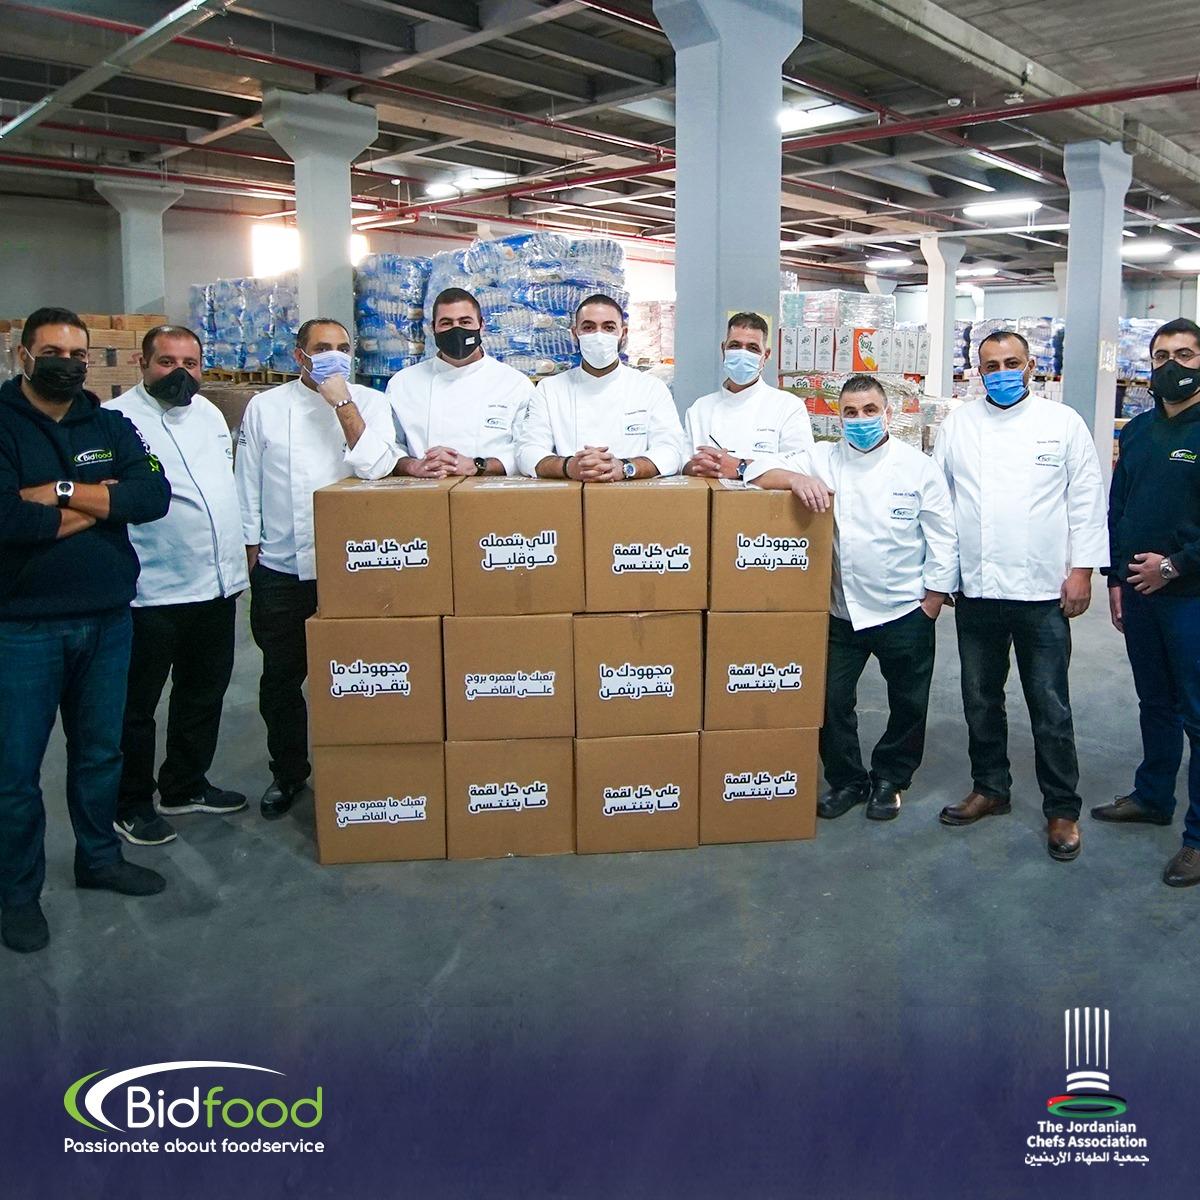 شكراً_شيف .. مبادرة لدعم الطهاة في الأردن